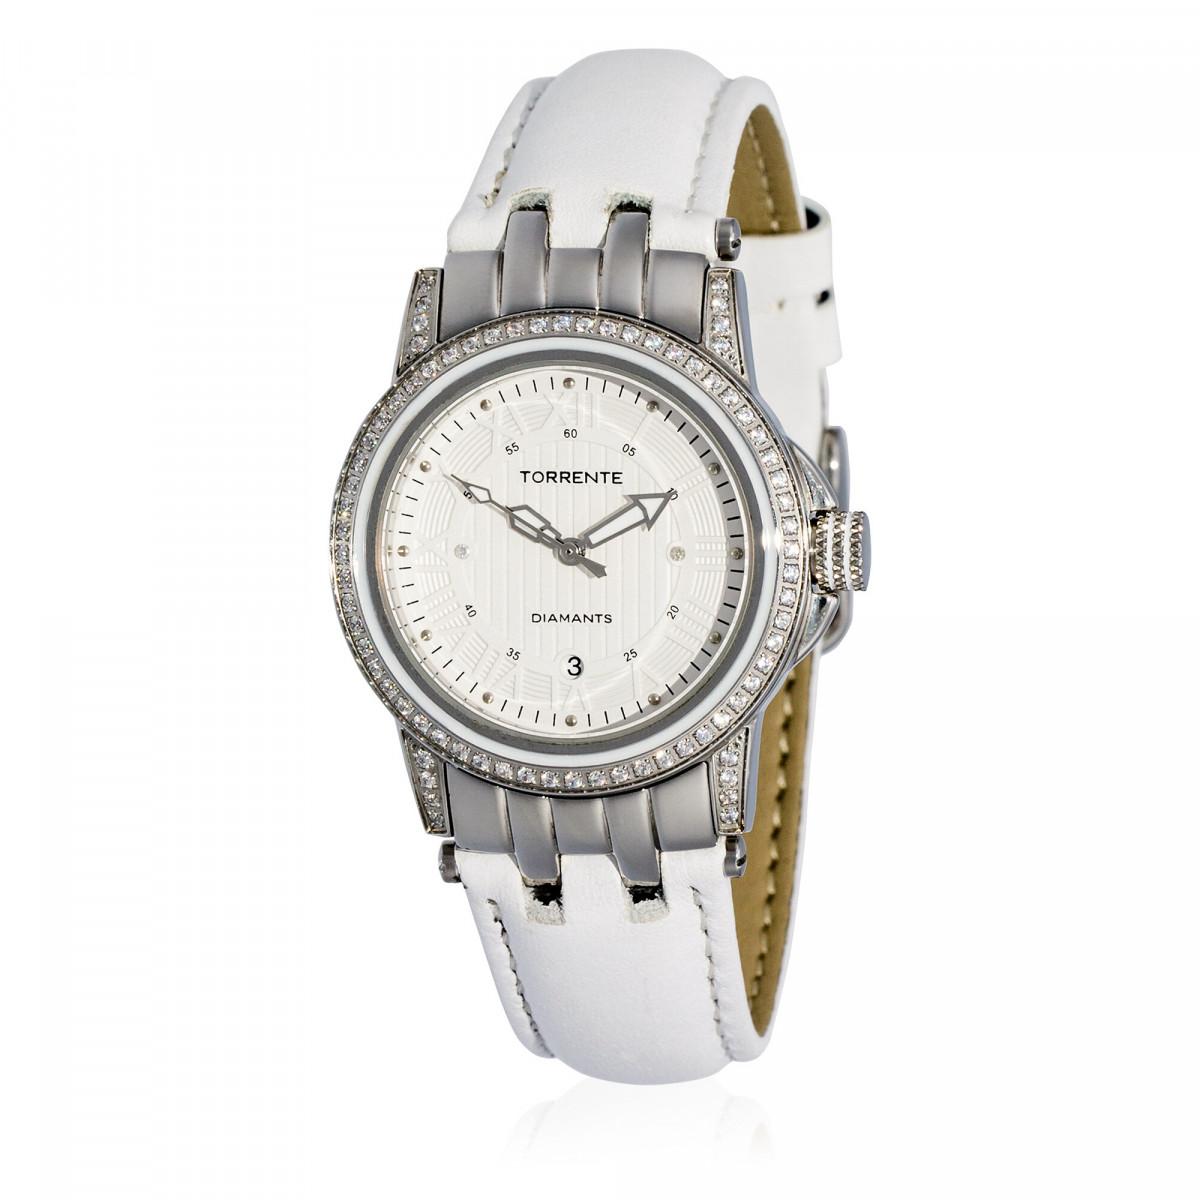 """Torrente - Montre """"Magnetic"""" Cadran Blanc - Boîtier Acier - Bracelet Cuir Blanc - Diamants 0.01 carats Femme"""